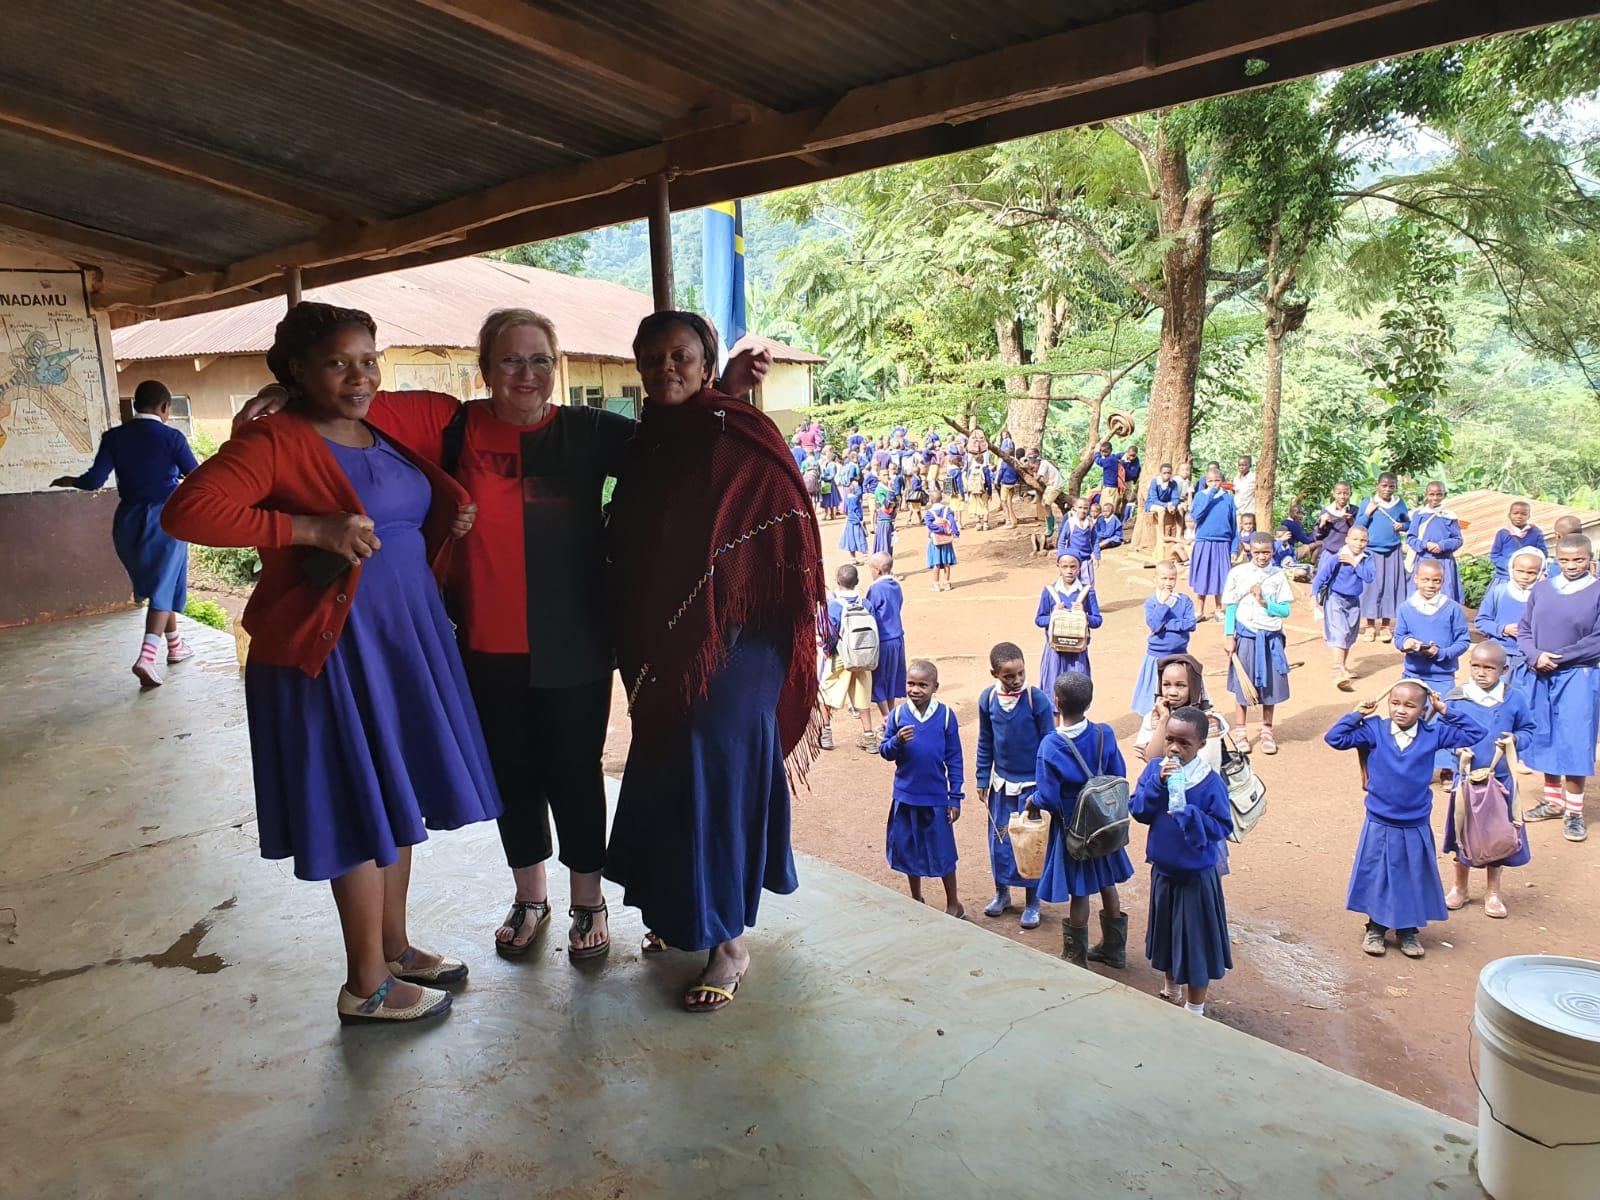 משלחת התנדבות בצפון טנזניה